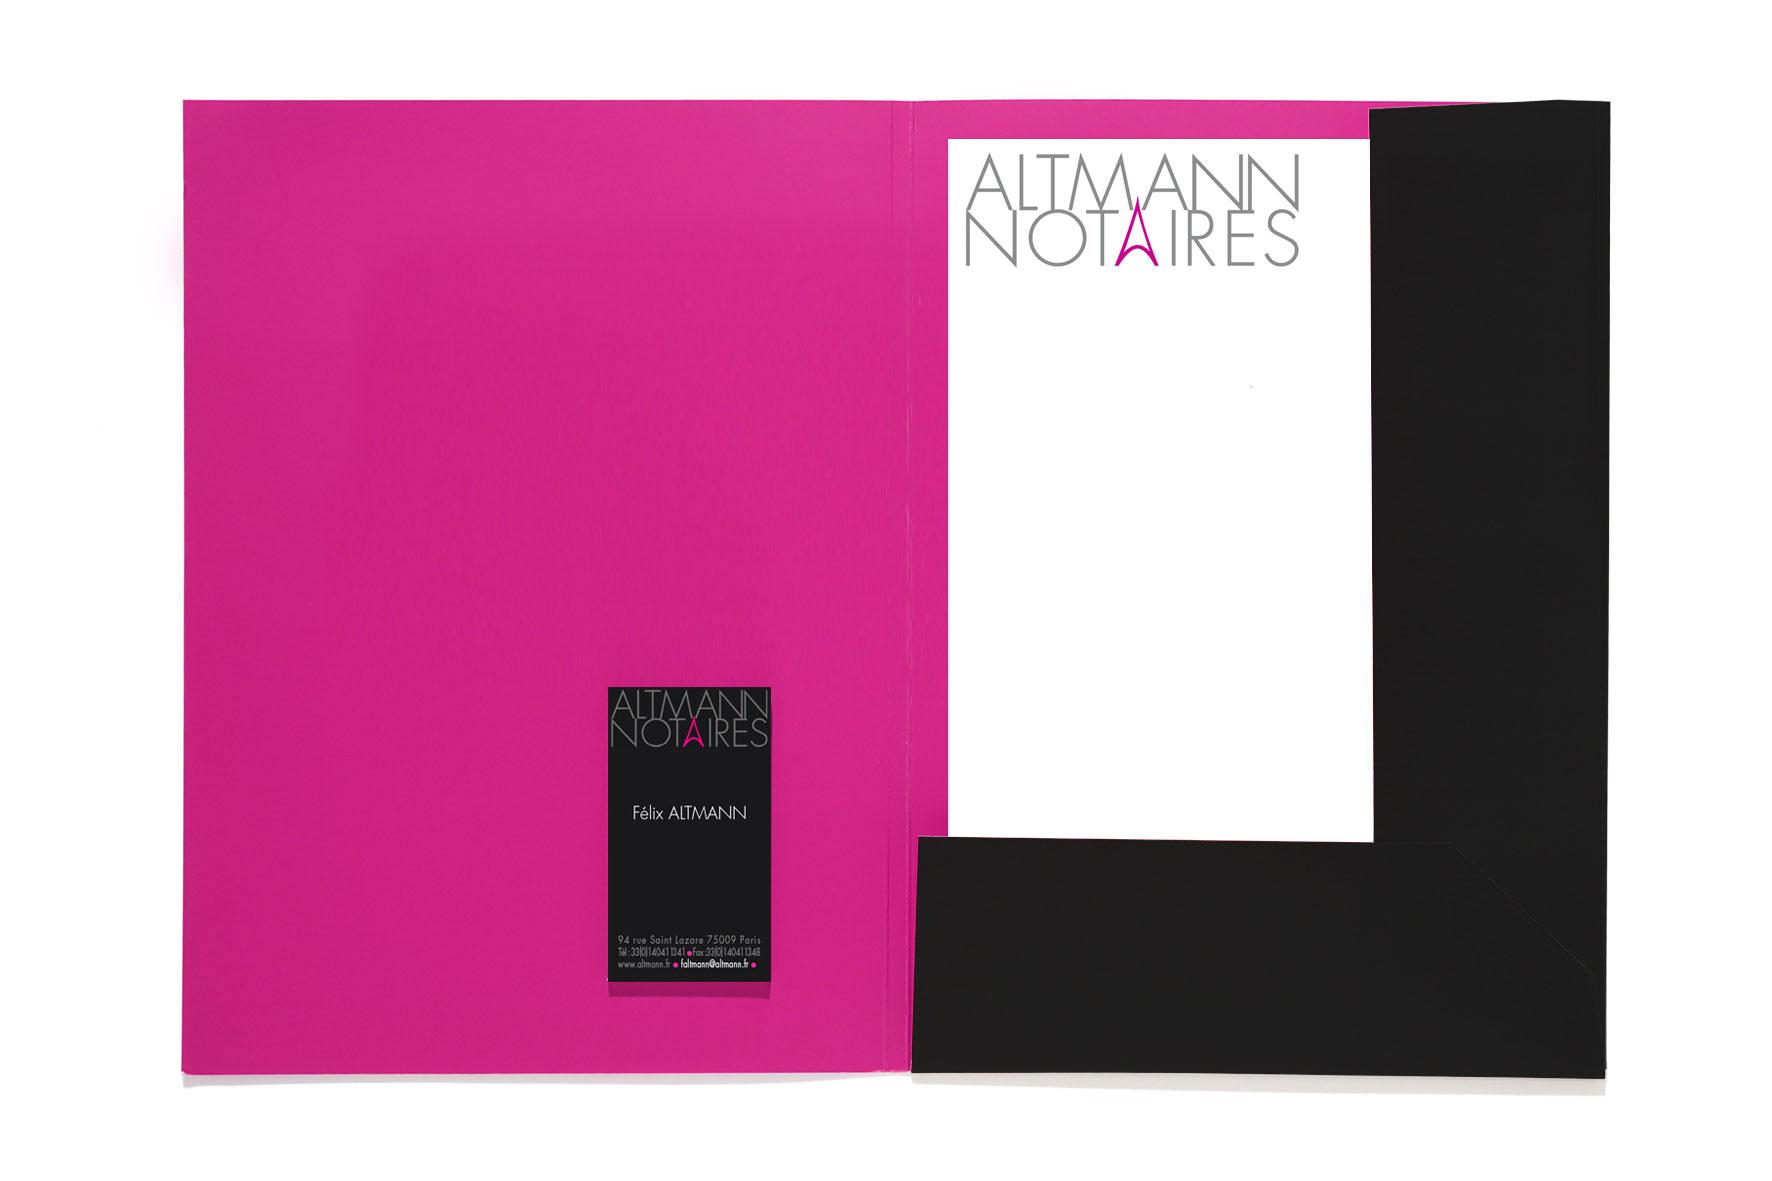 altmann-ss-cd-opti-eleve-copie